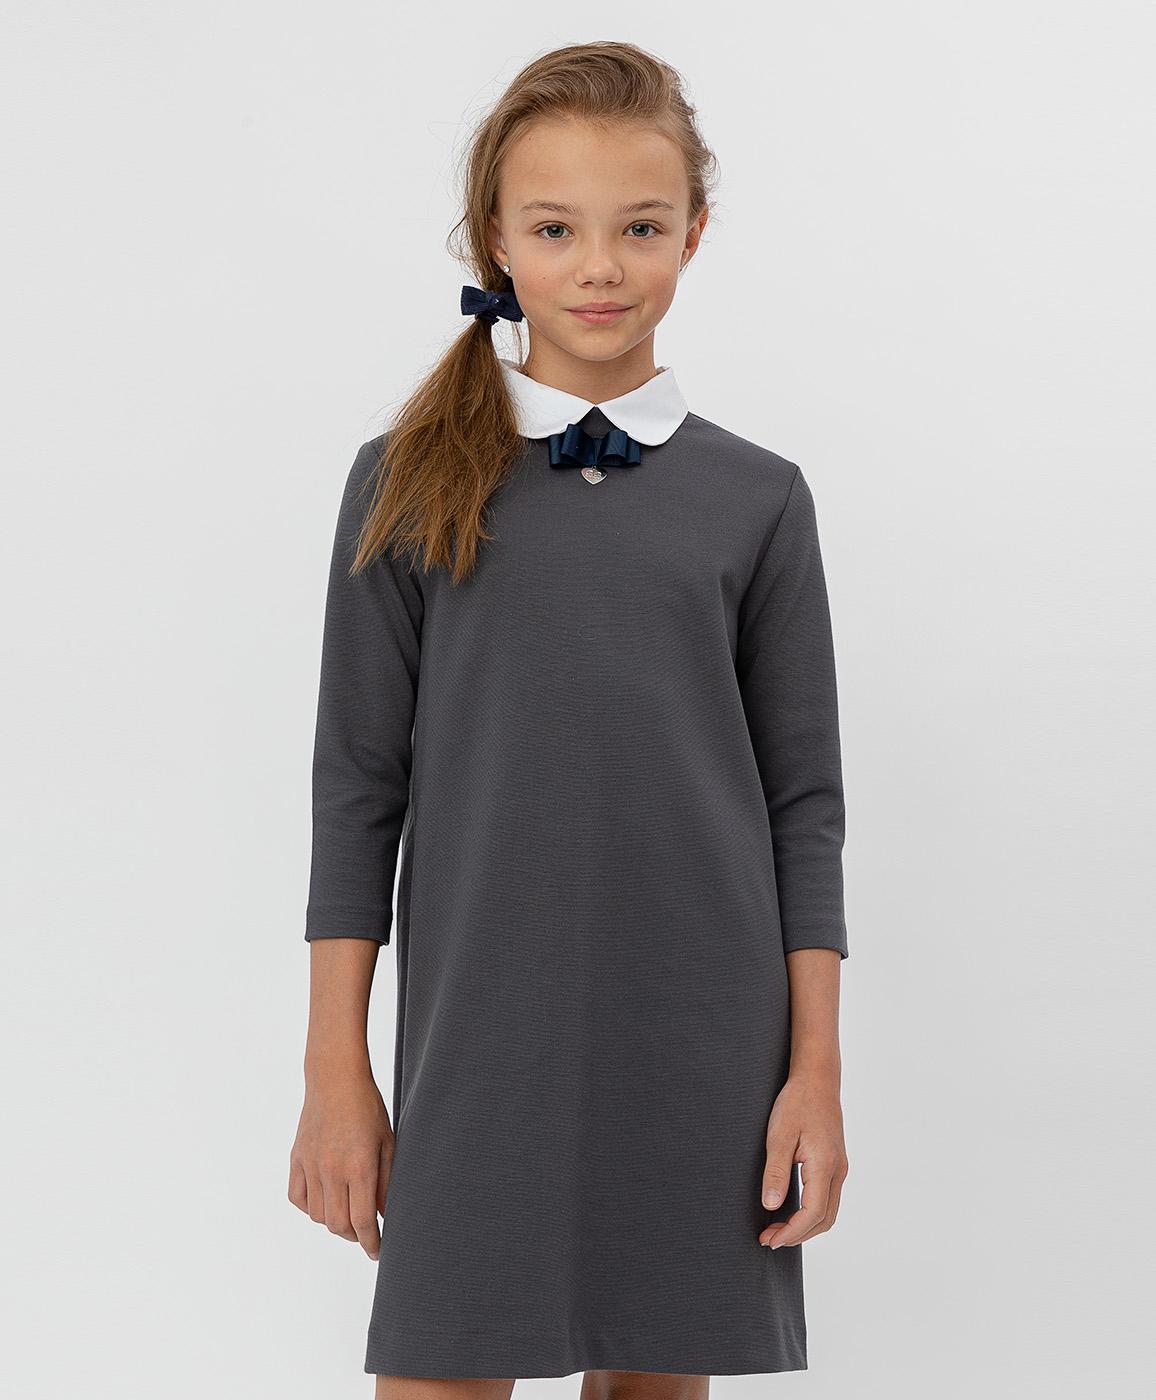 Купить 220BBGS50030100, Серое платье с рукавом 3/4 Button Blue, серый, 146, Джерси, Женский, Демисезон, ШКОЛЬНАЯ ФОРМА 2020-2021 (shop: GulliverMarket Gulliver Market)